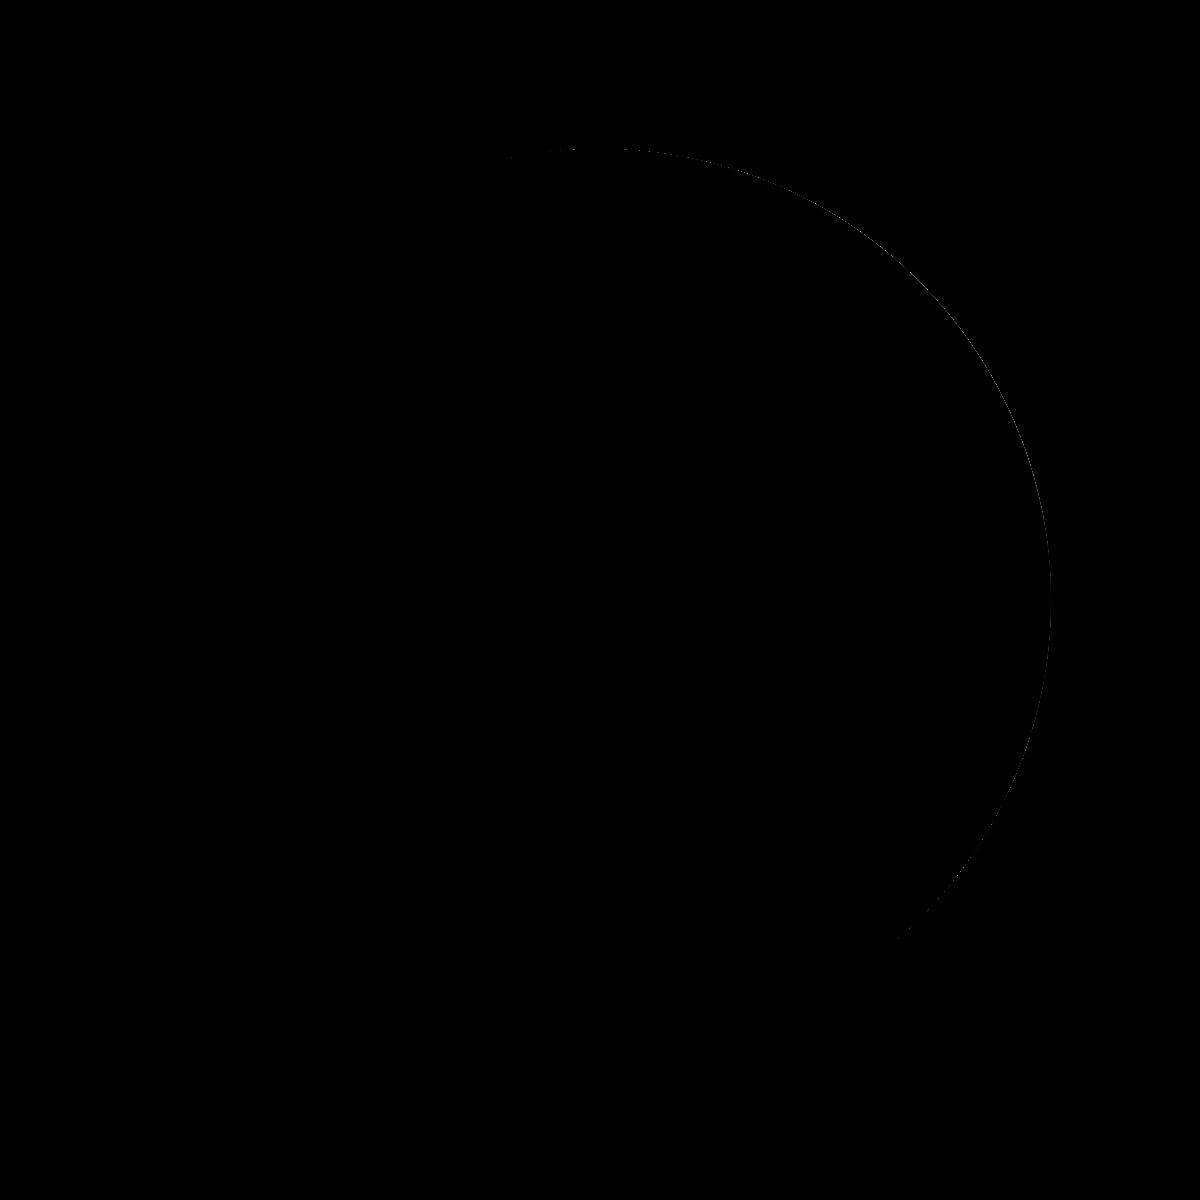 Lune du 23 mai 2020